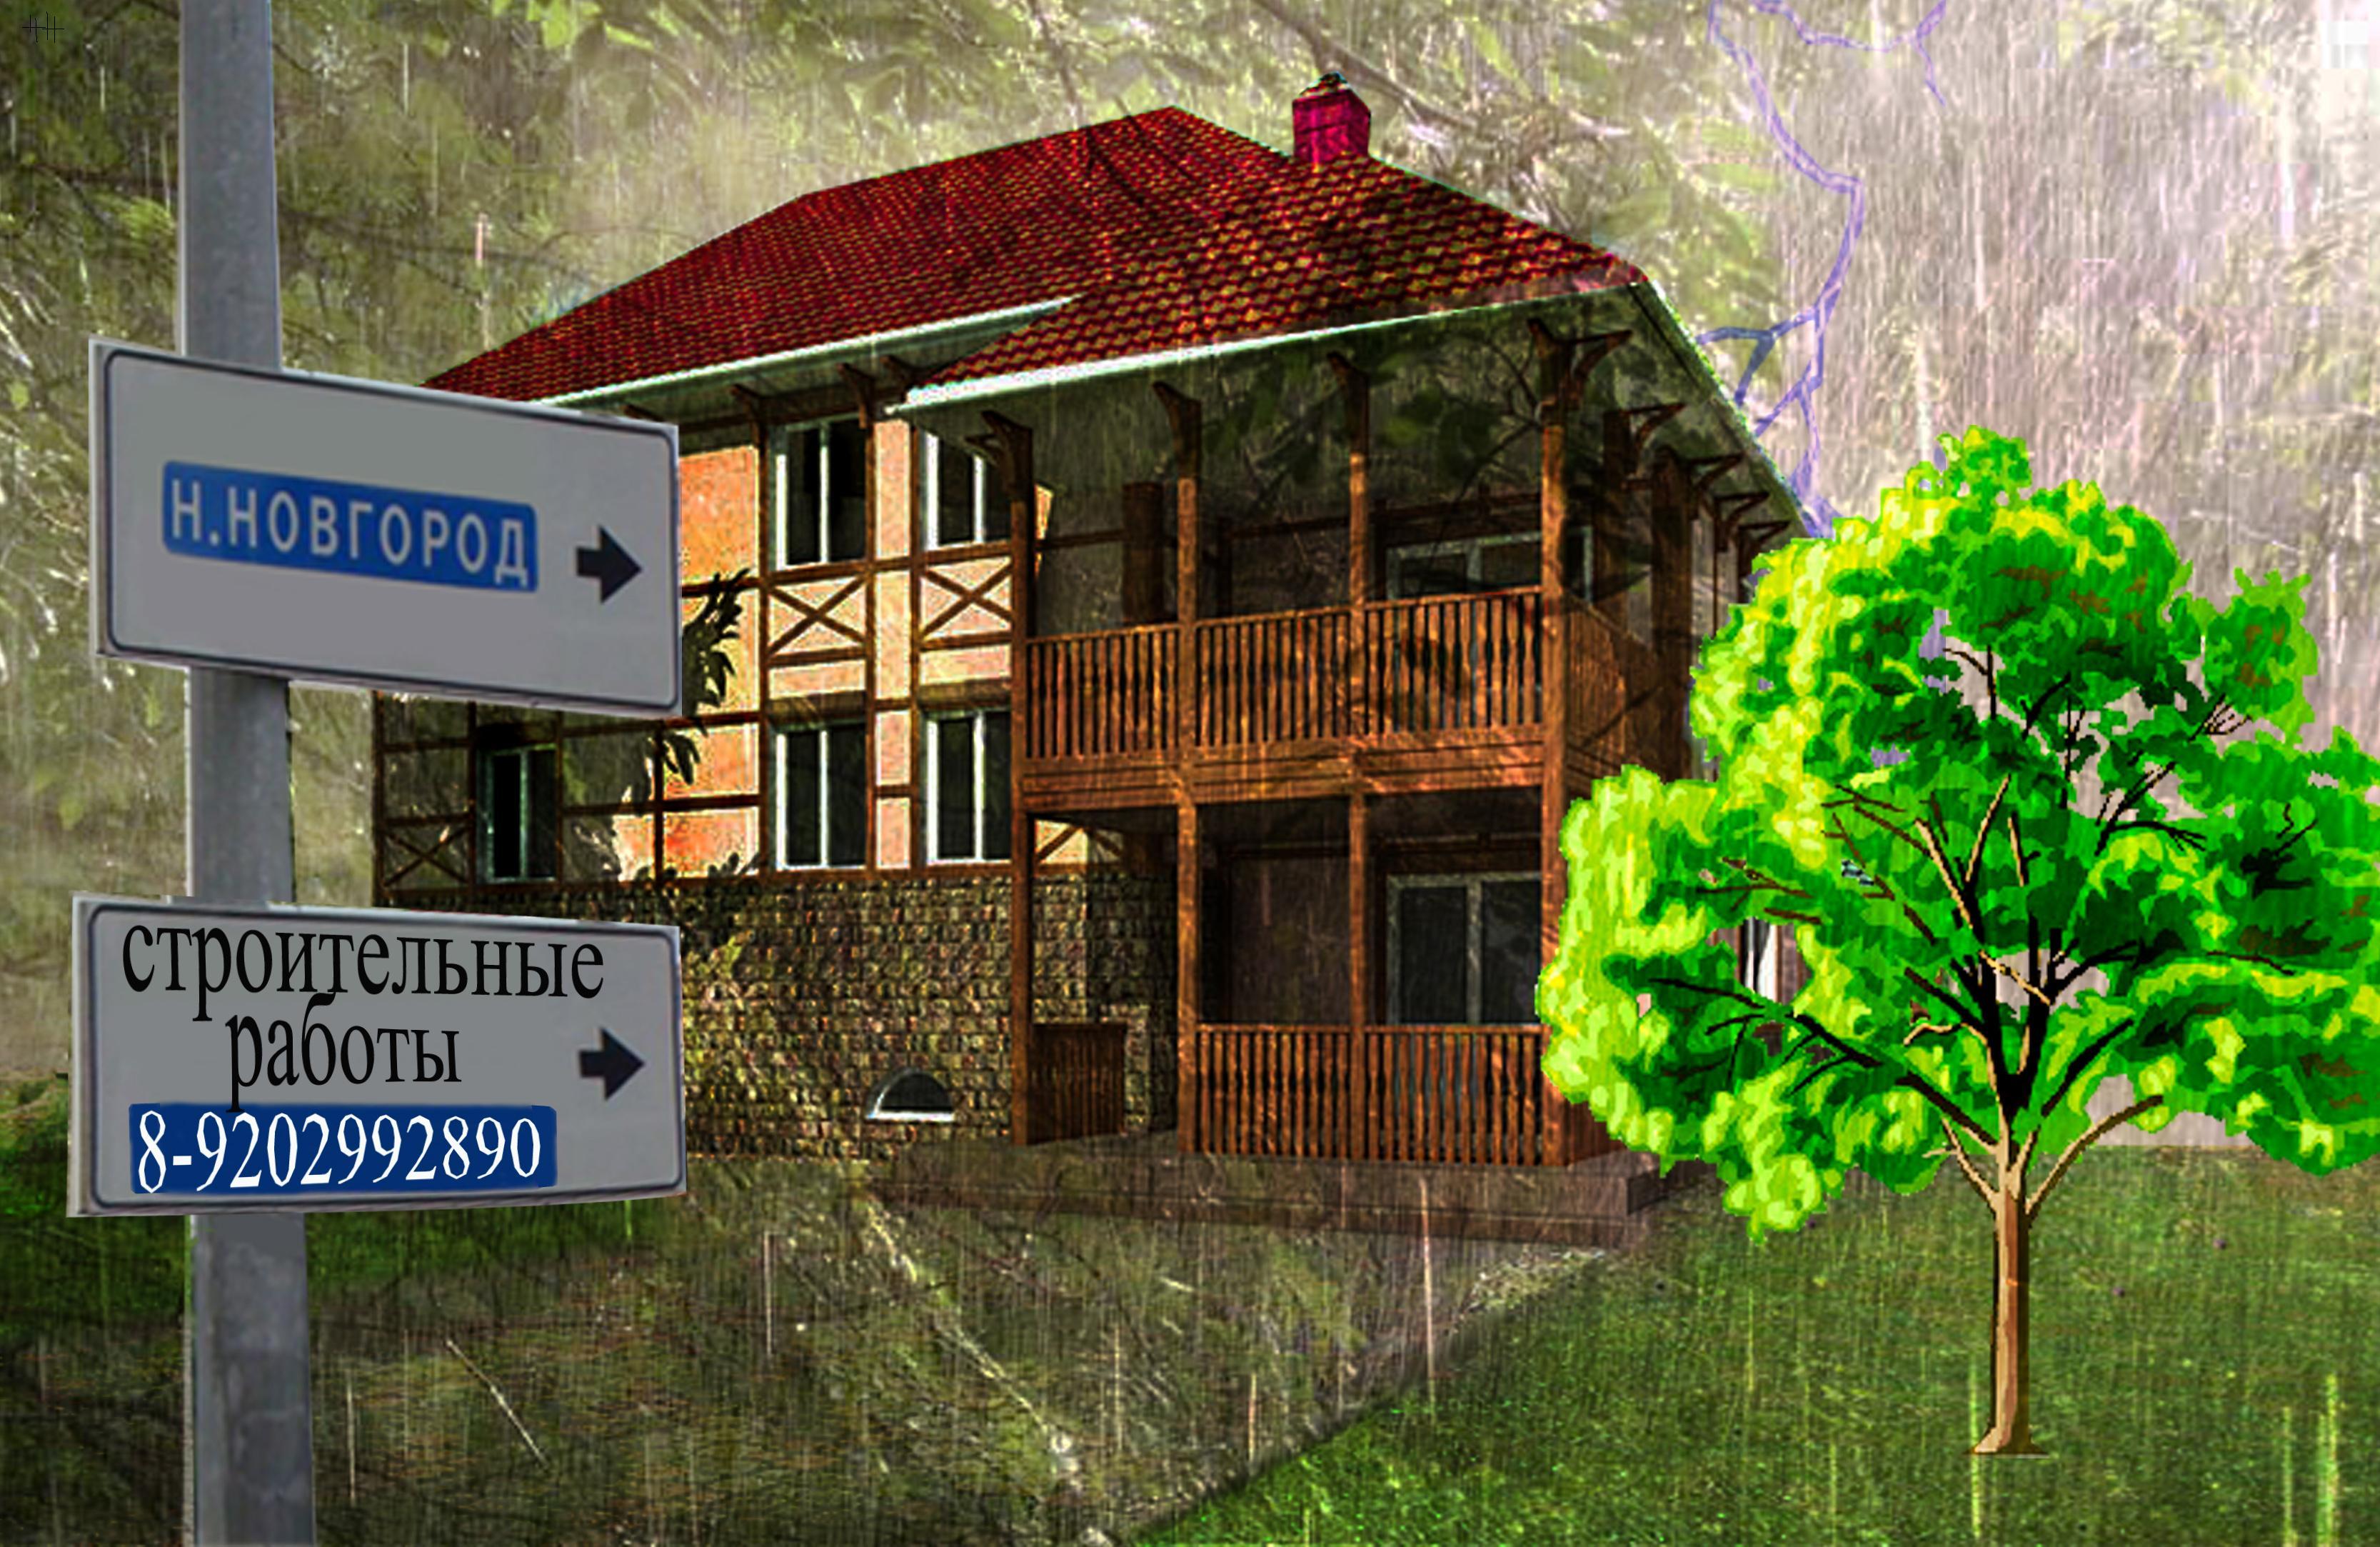 Строительство домов нижний